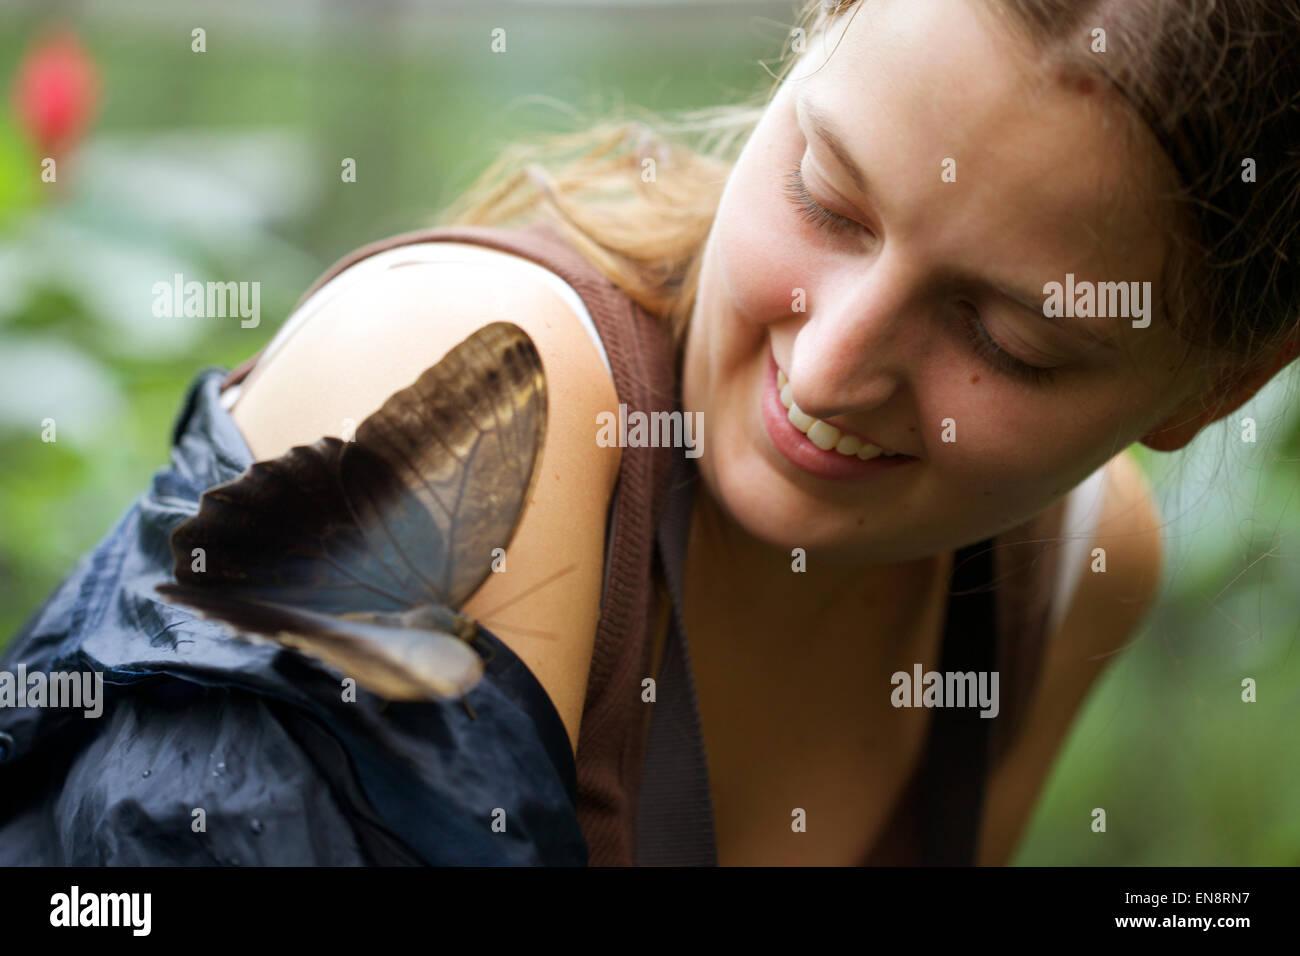 Eine junge Frau staunt über ein großer Schmetterling, der gelandet ist auf dem Arm. Stockbild